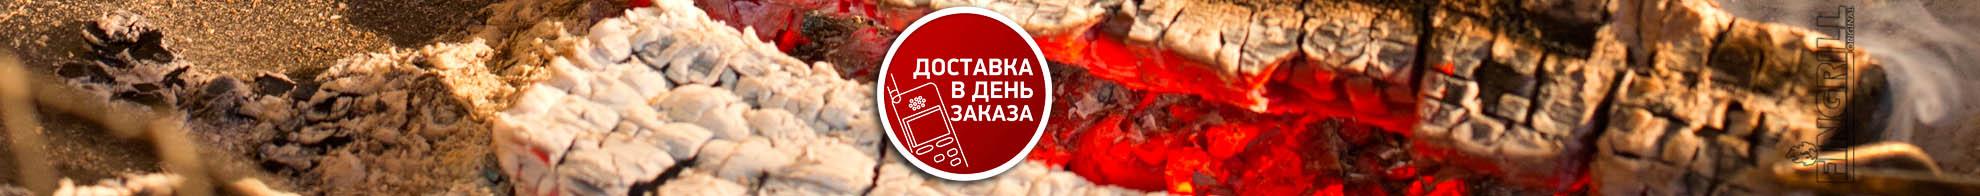 Дровяные и угольные грили барбекю из Финляндии. Tundra Grill. Фингриль.